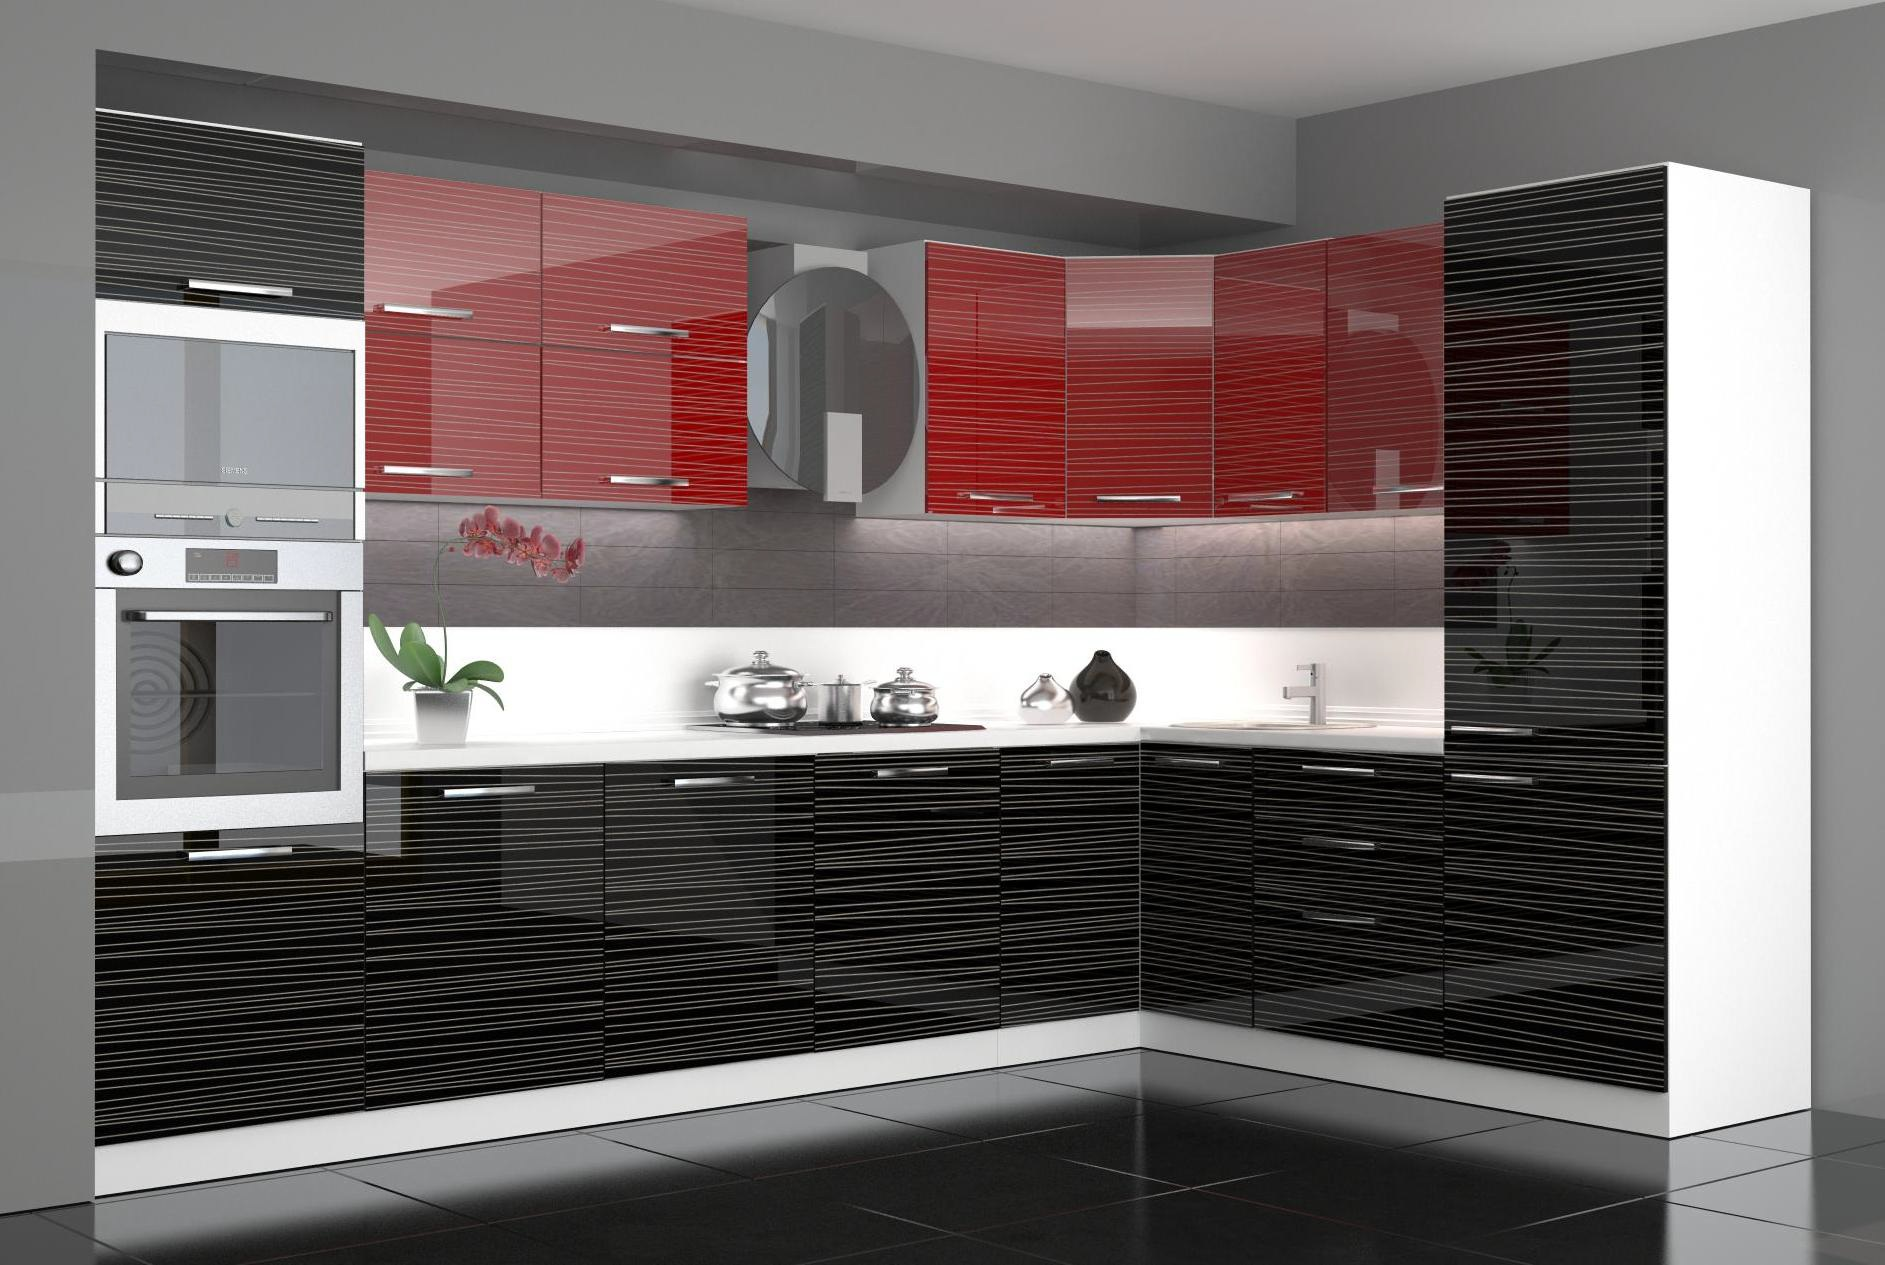 Cocina modular moderna MDF, PVC, negro, alto brillo rojo. | Exposé ...